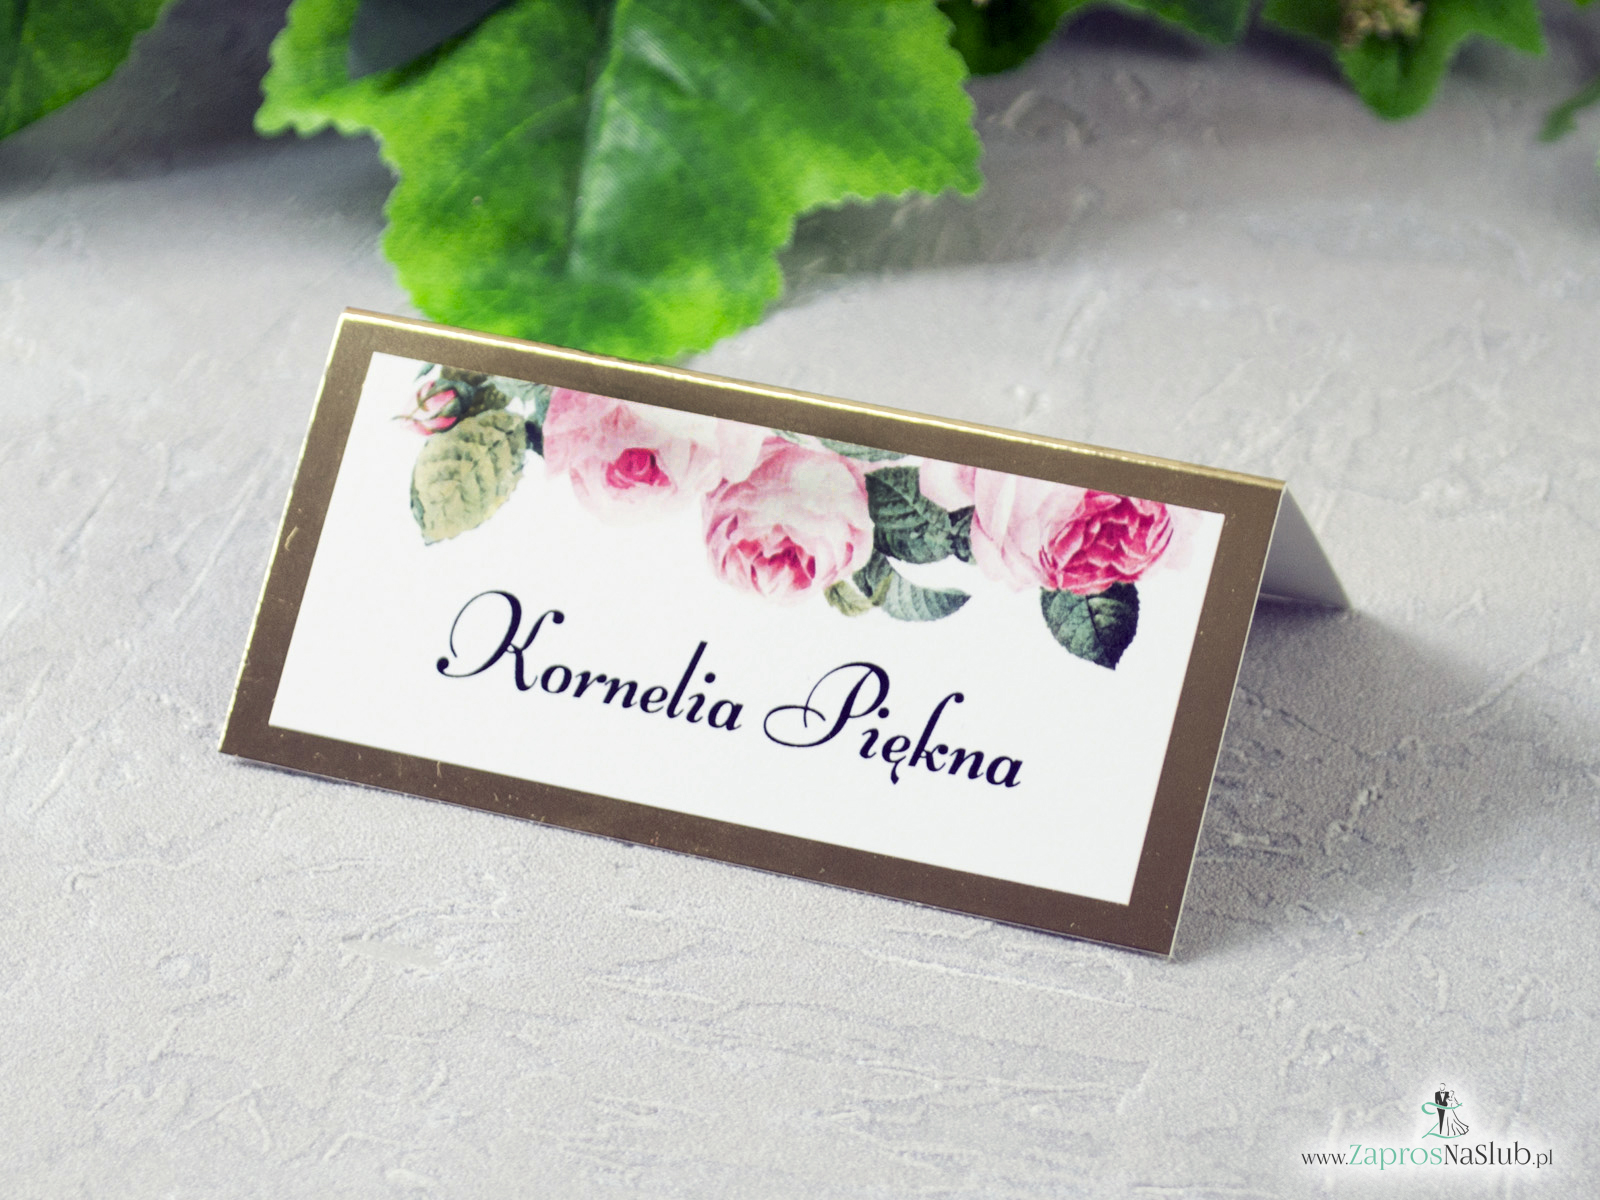 Winietka na złotym papierze z efektem lustra, motywem kwiatów róży oraz zielonych liści WIN-110-1